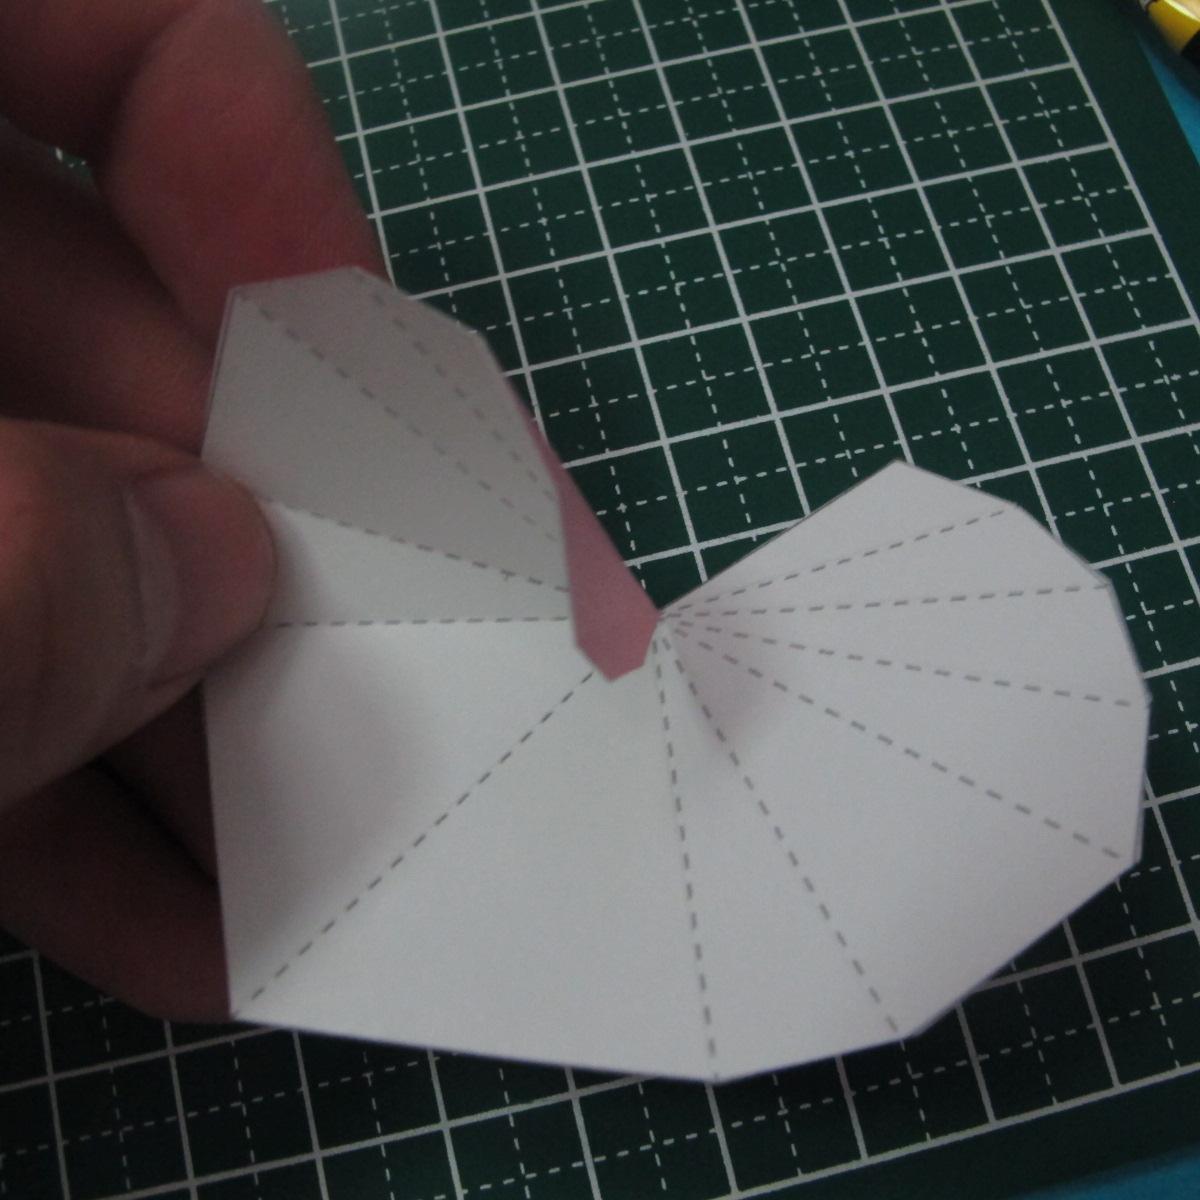 วิธีทำของเล่นโมเดลกระดาษรูปหัวใจ 004